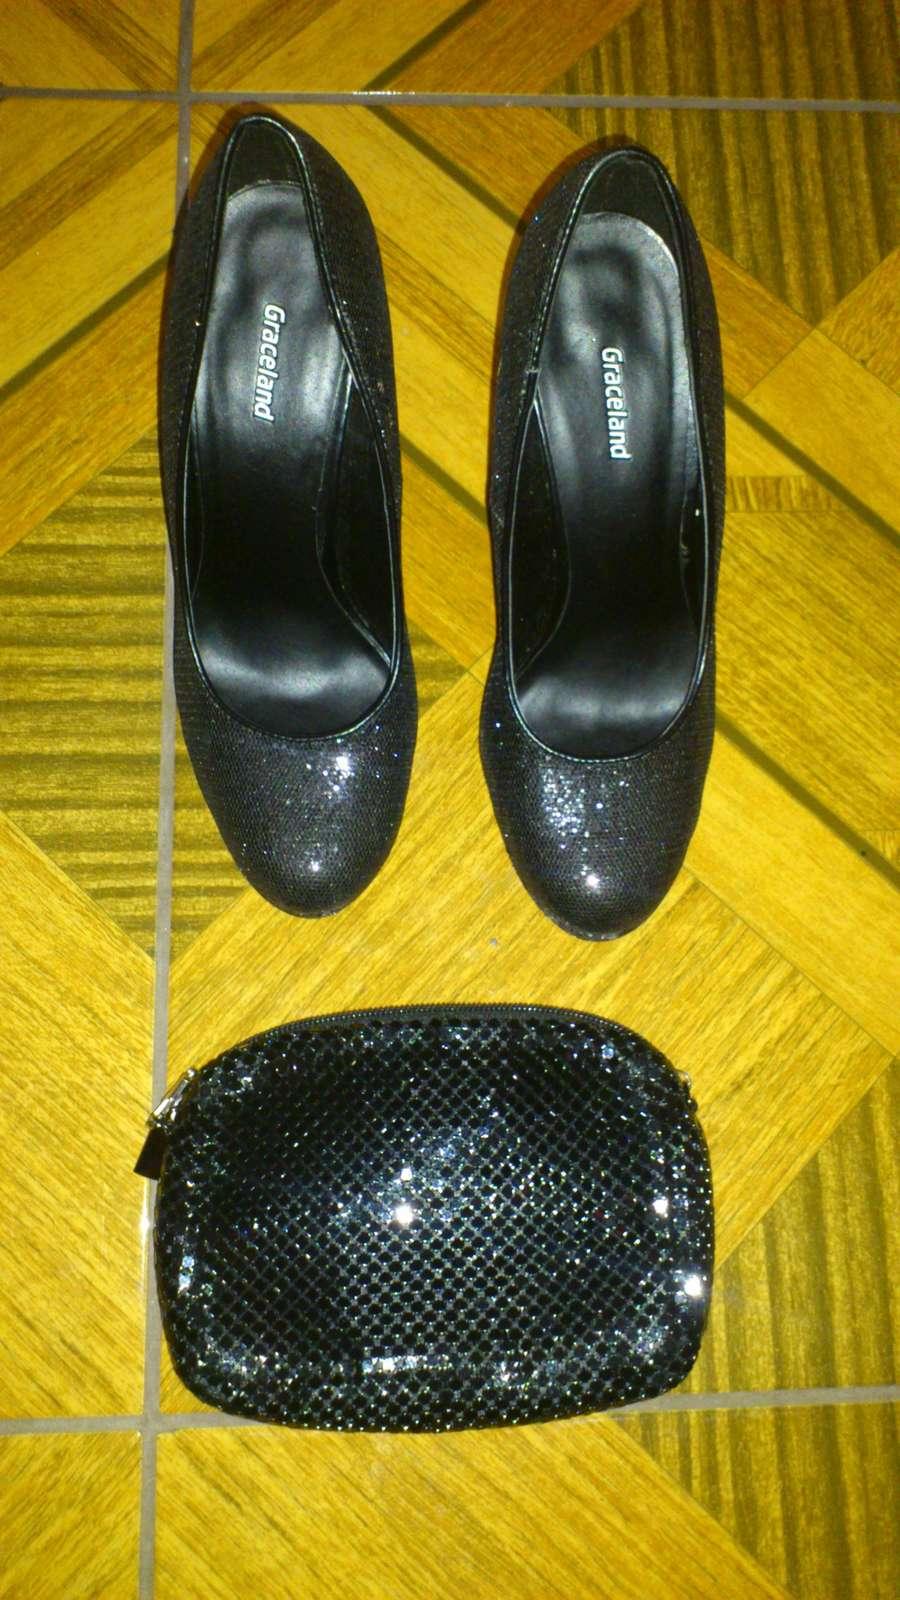 Topánky a kabelka - Obrázok č. 2